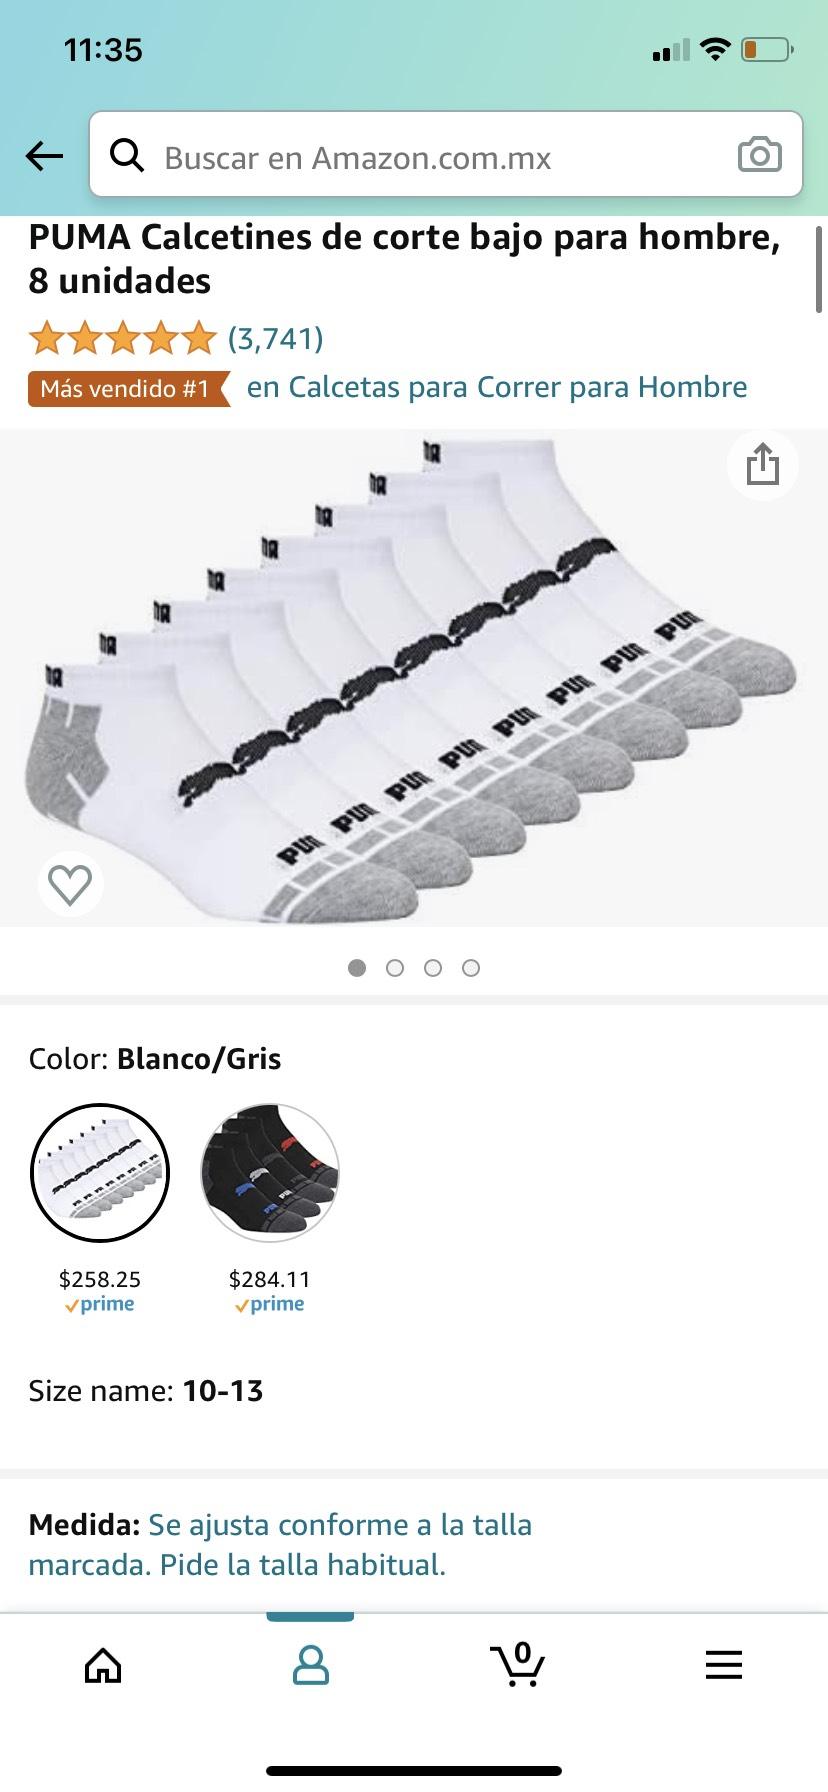 Amazon: PUMA Calcetines de corte bajo para hombre, 8 pares